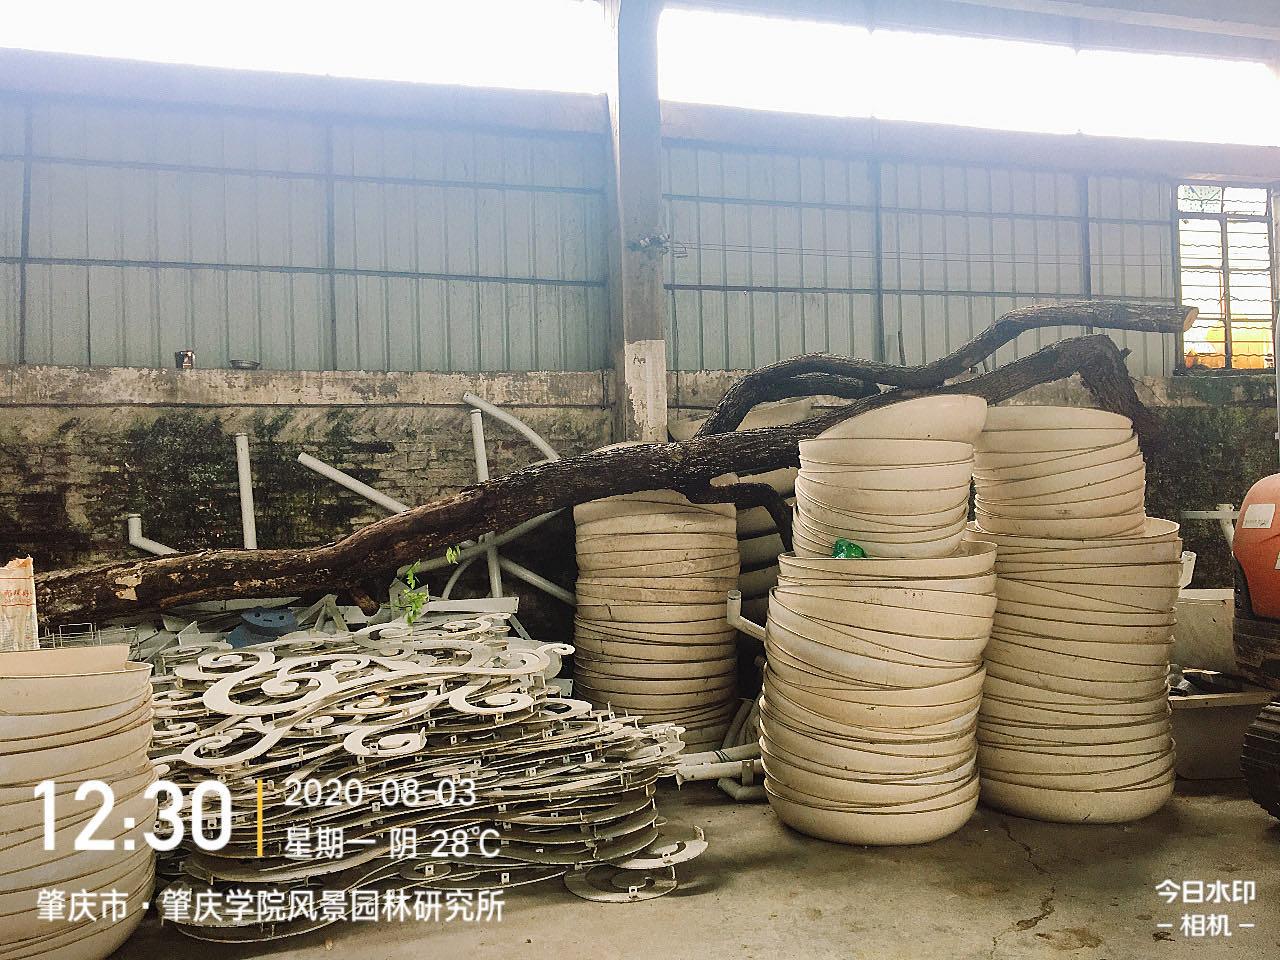 一批海南黄花梨木材转让项目挂牌暨电子竞价公告